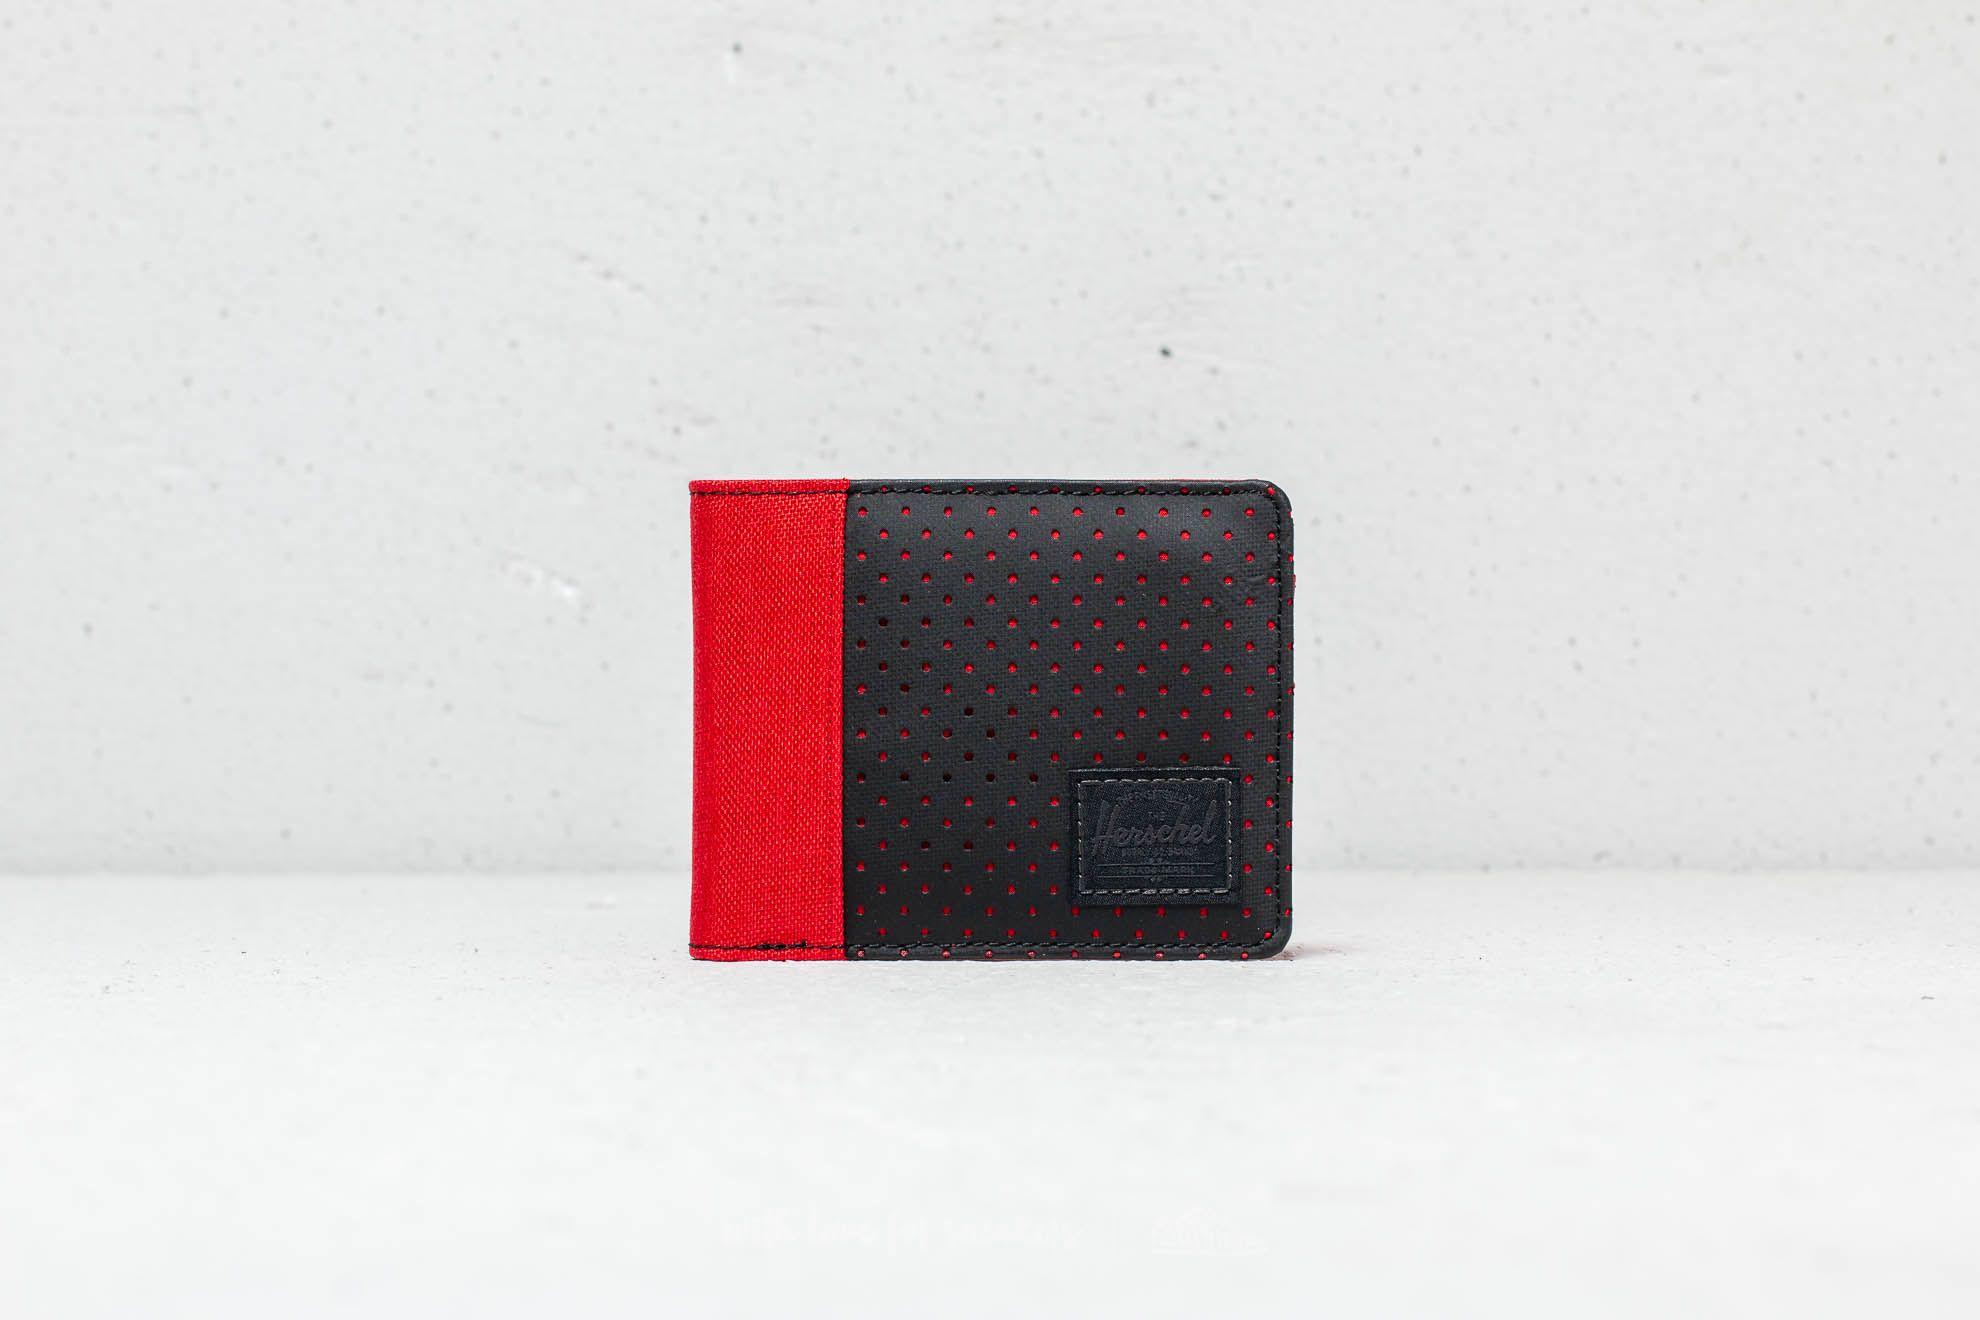 Herschel Supply Co. Edward+ Wallet